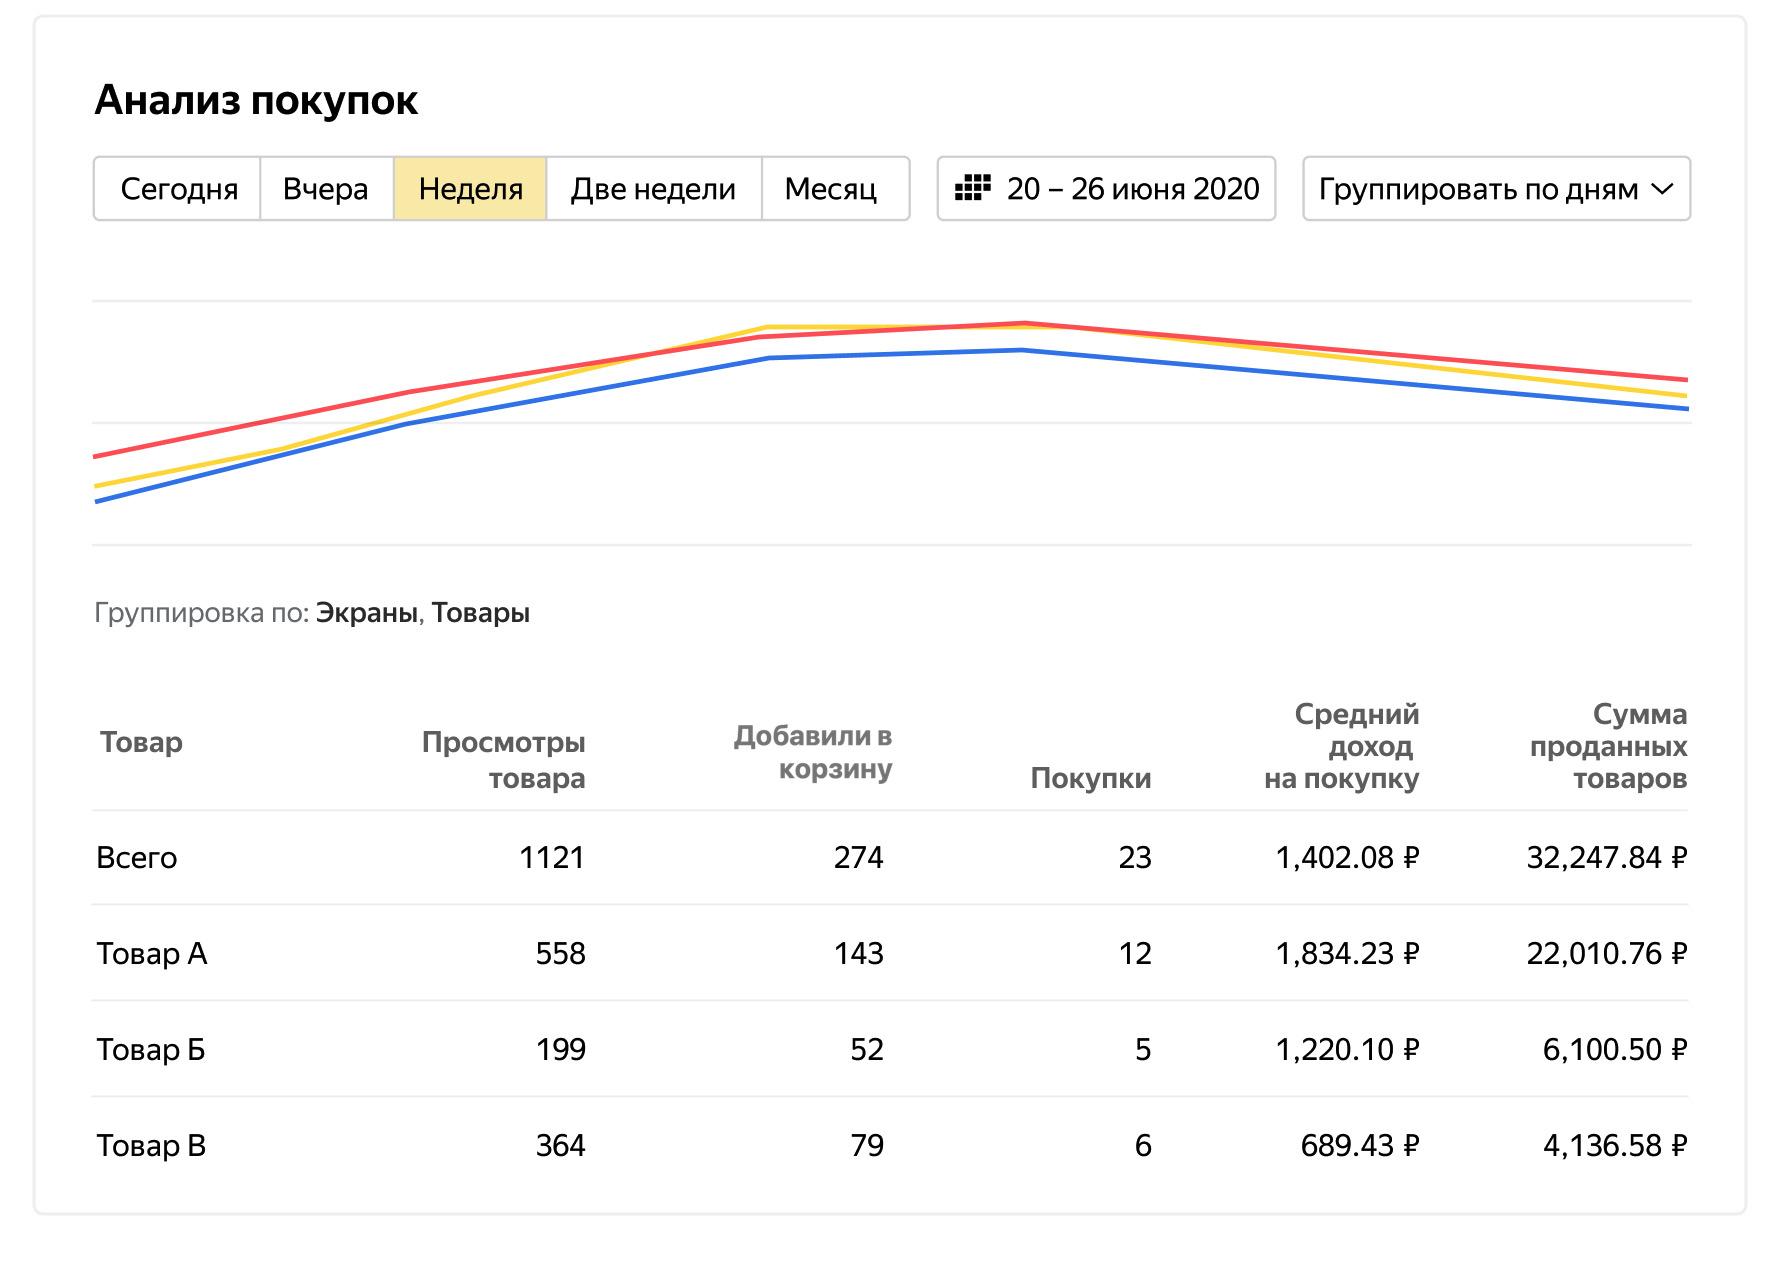 В AppMetrica появился новый отчет — Анализ покупок